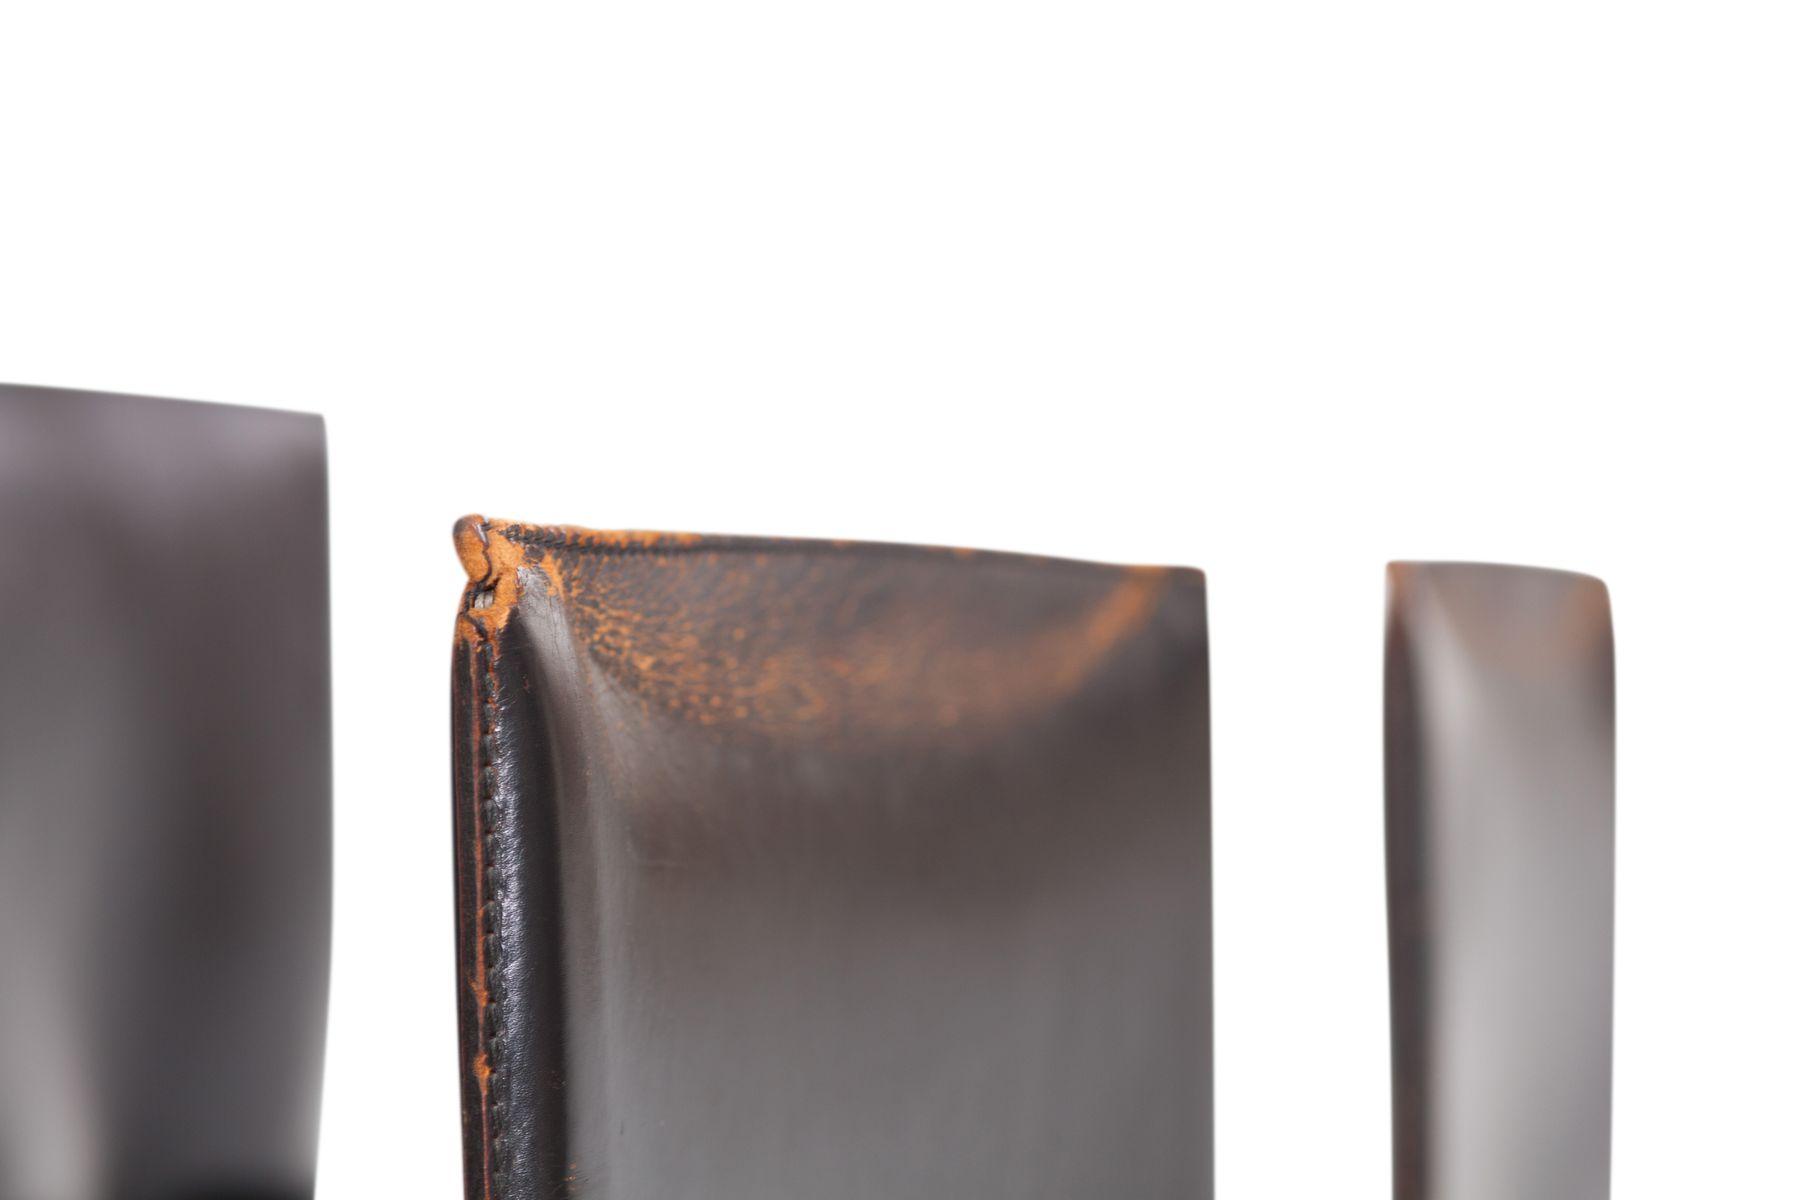 Erfreut Billige Schwarze Lederküchenstühle Fotos - Küche Set Ideen ...